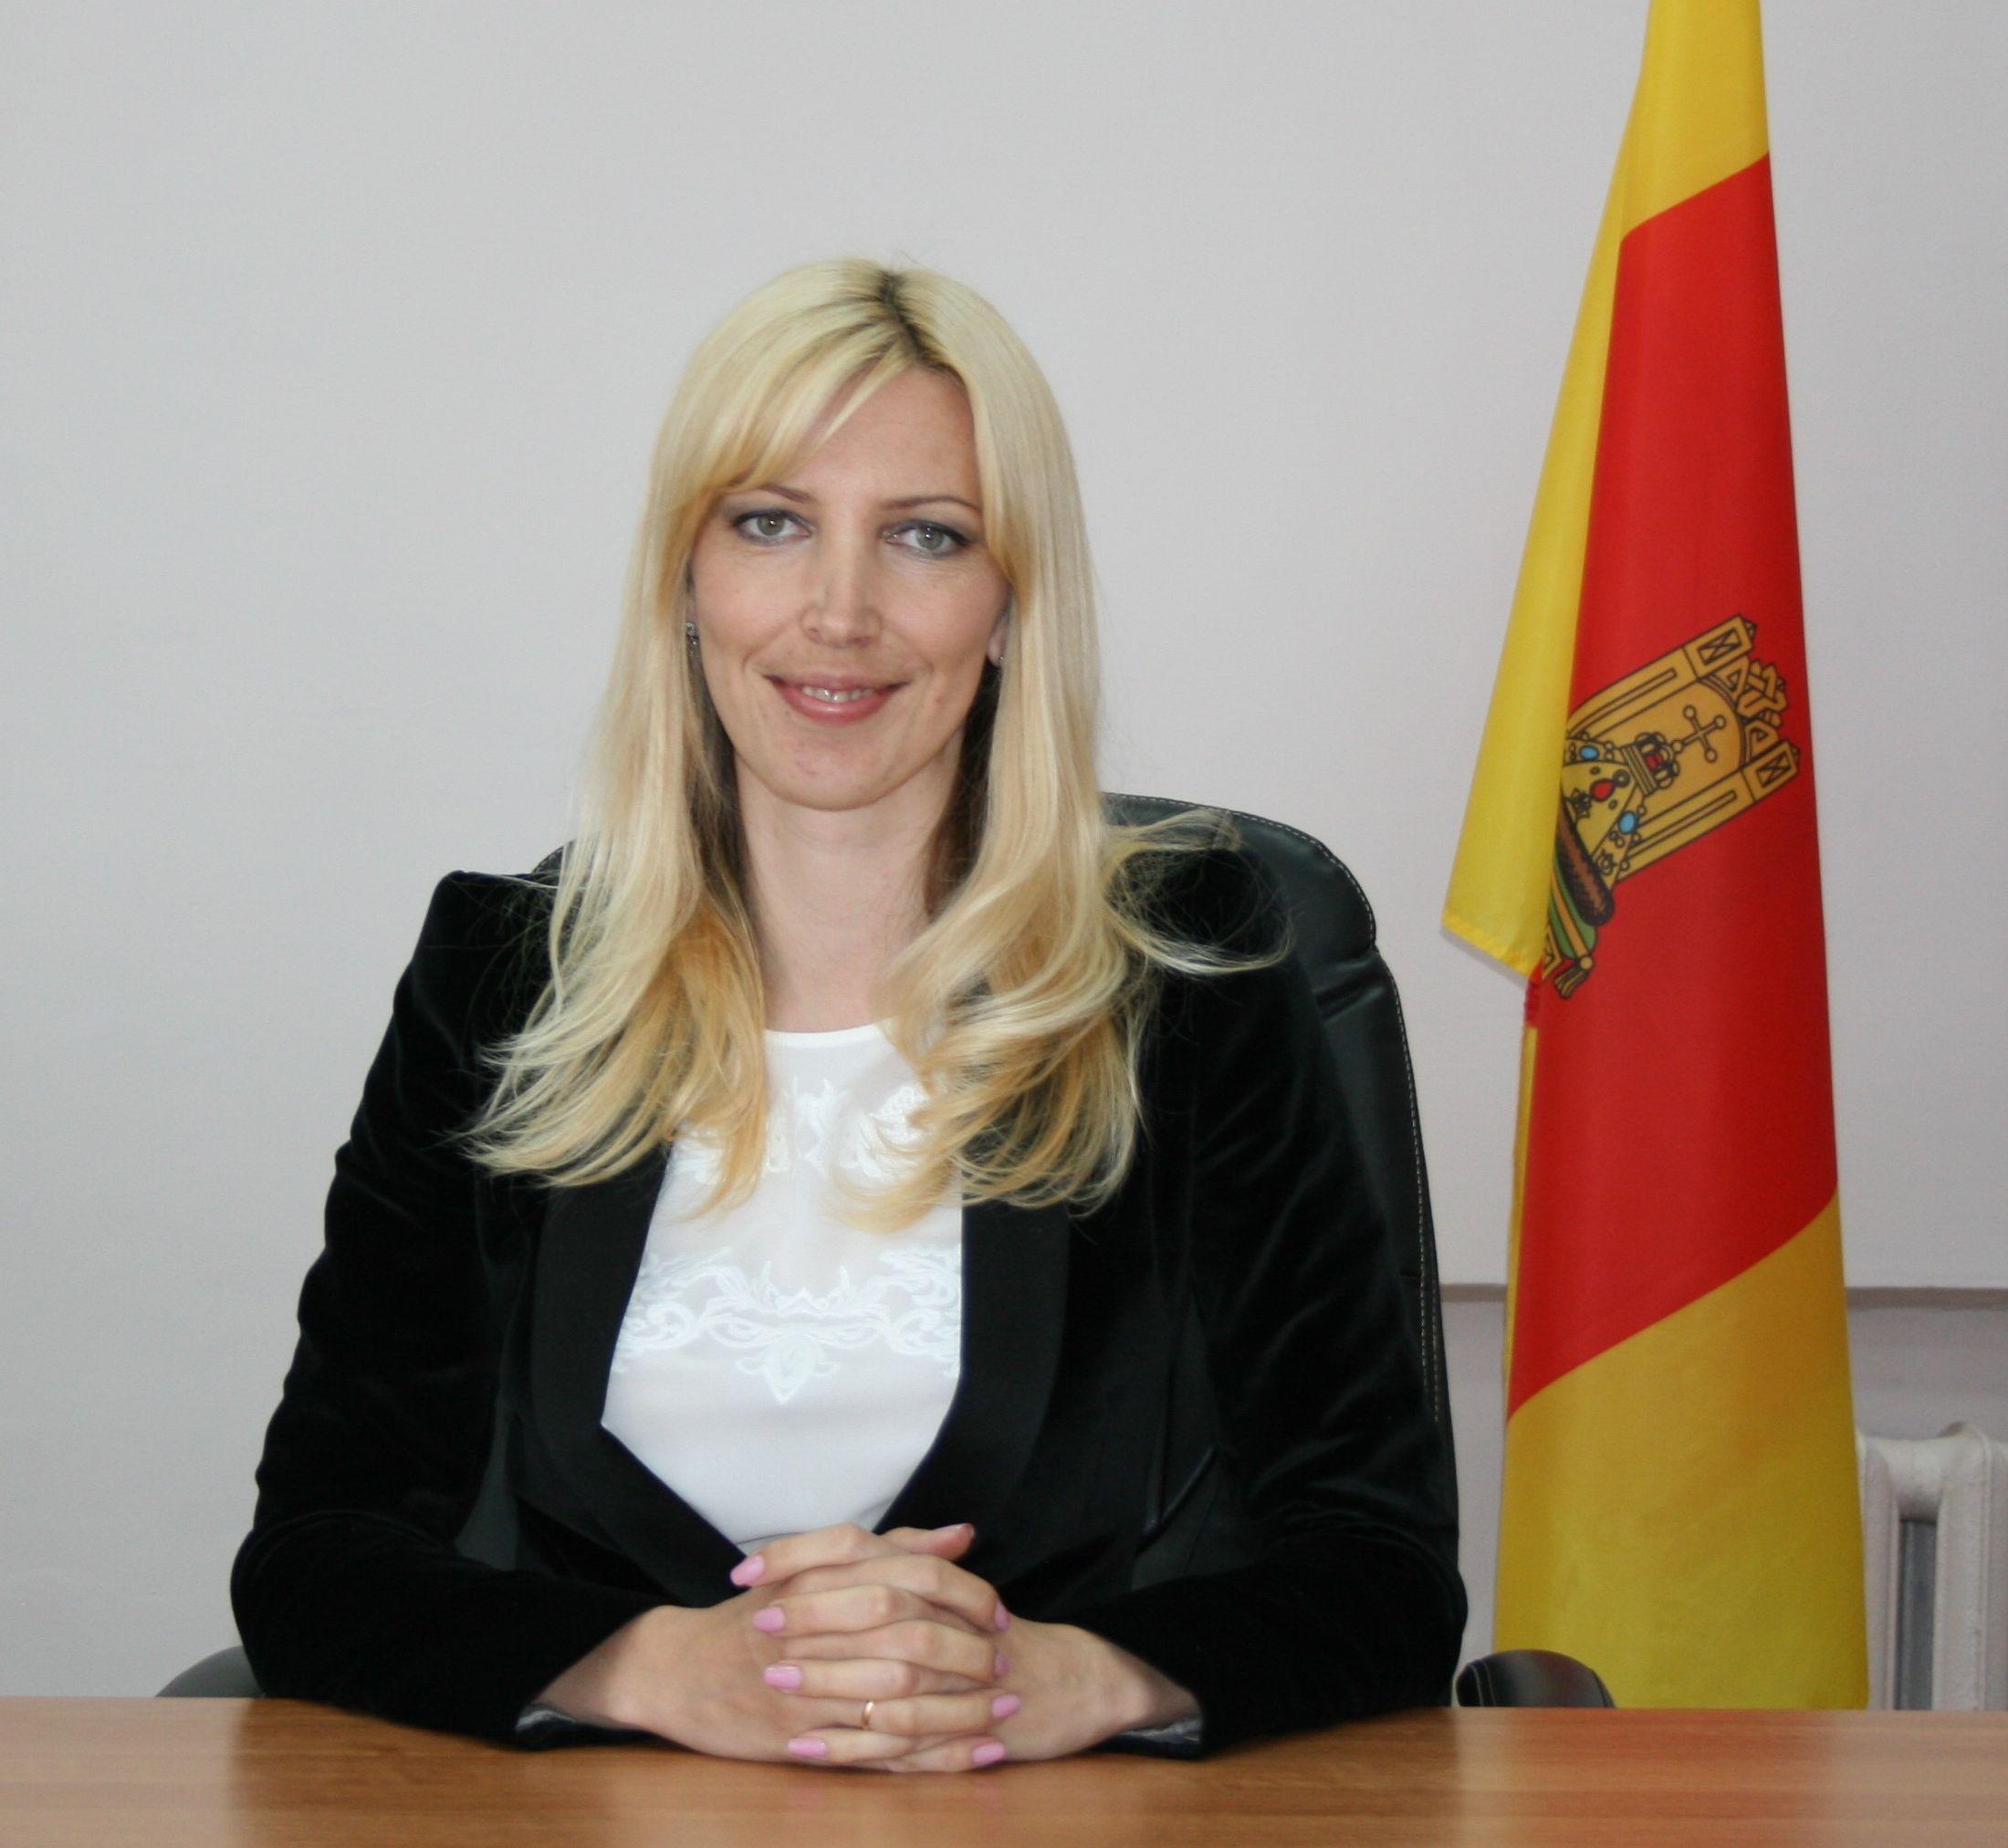 Татьяна Дубова: Для возрождения сельского хозяйства крайне важны кадры